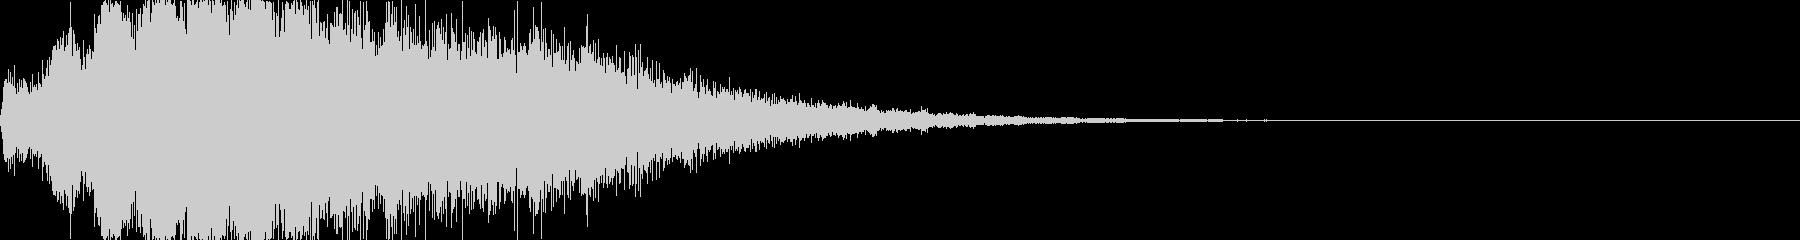 スペースプローブ:低周波振動パルス...の未再生の波形